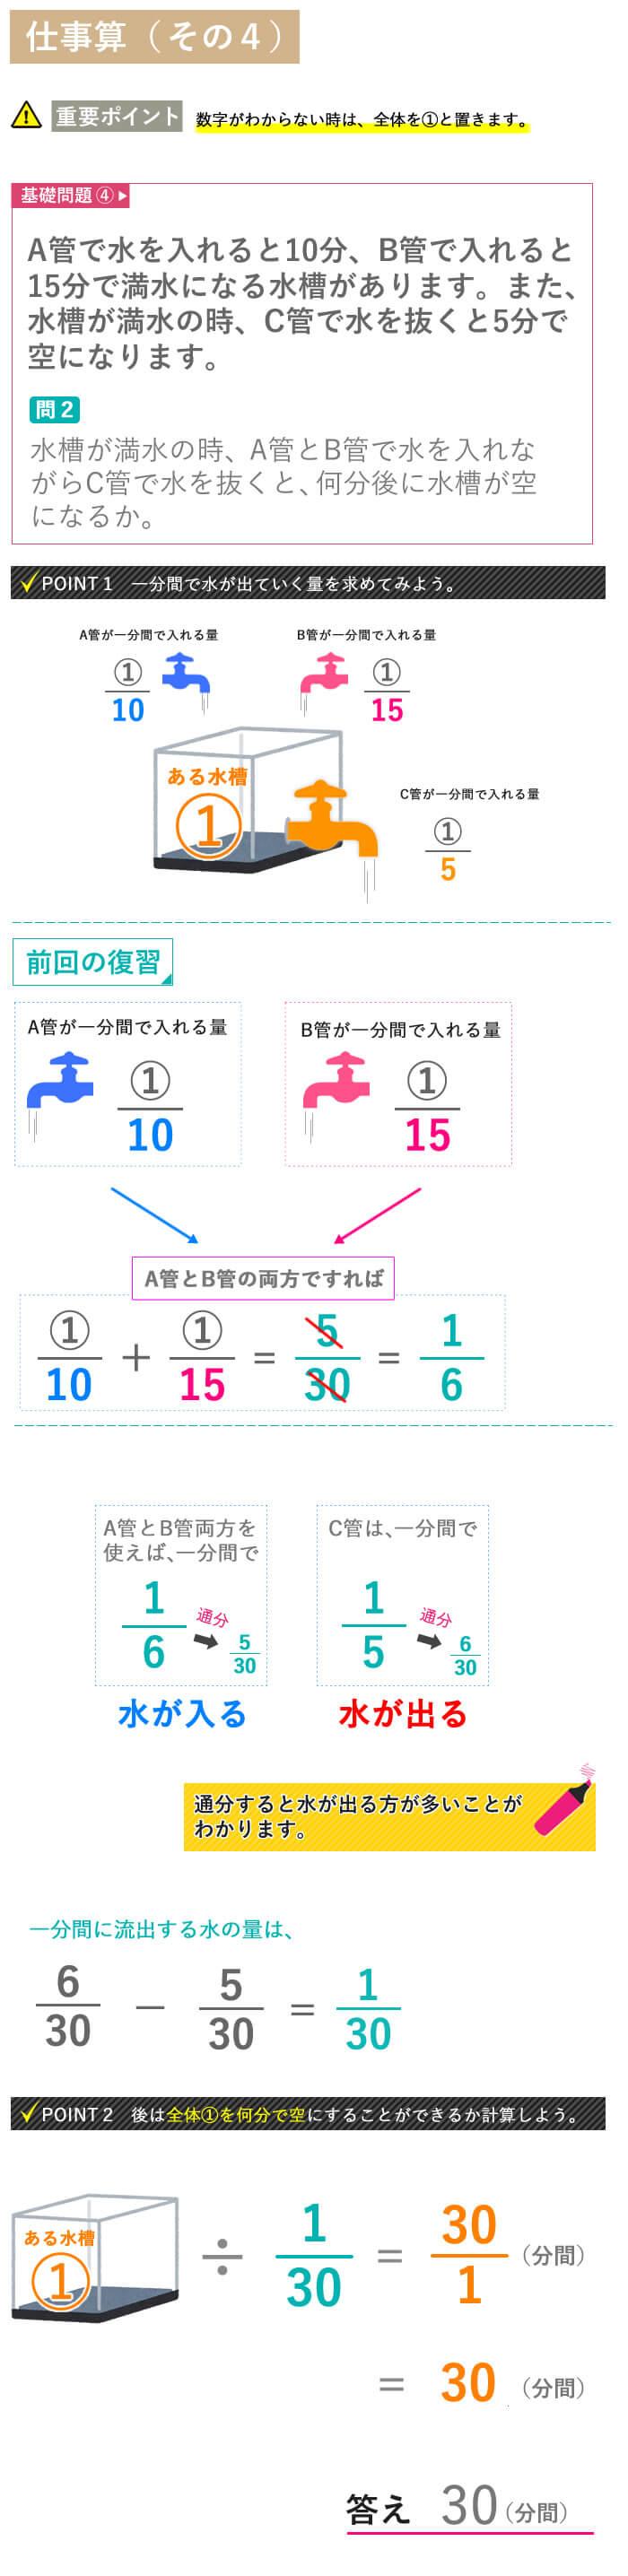 看護予備校大阪KAZアカデミーの看護数学【仕事算 図解説明その4】